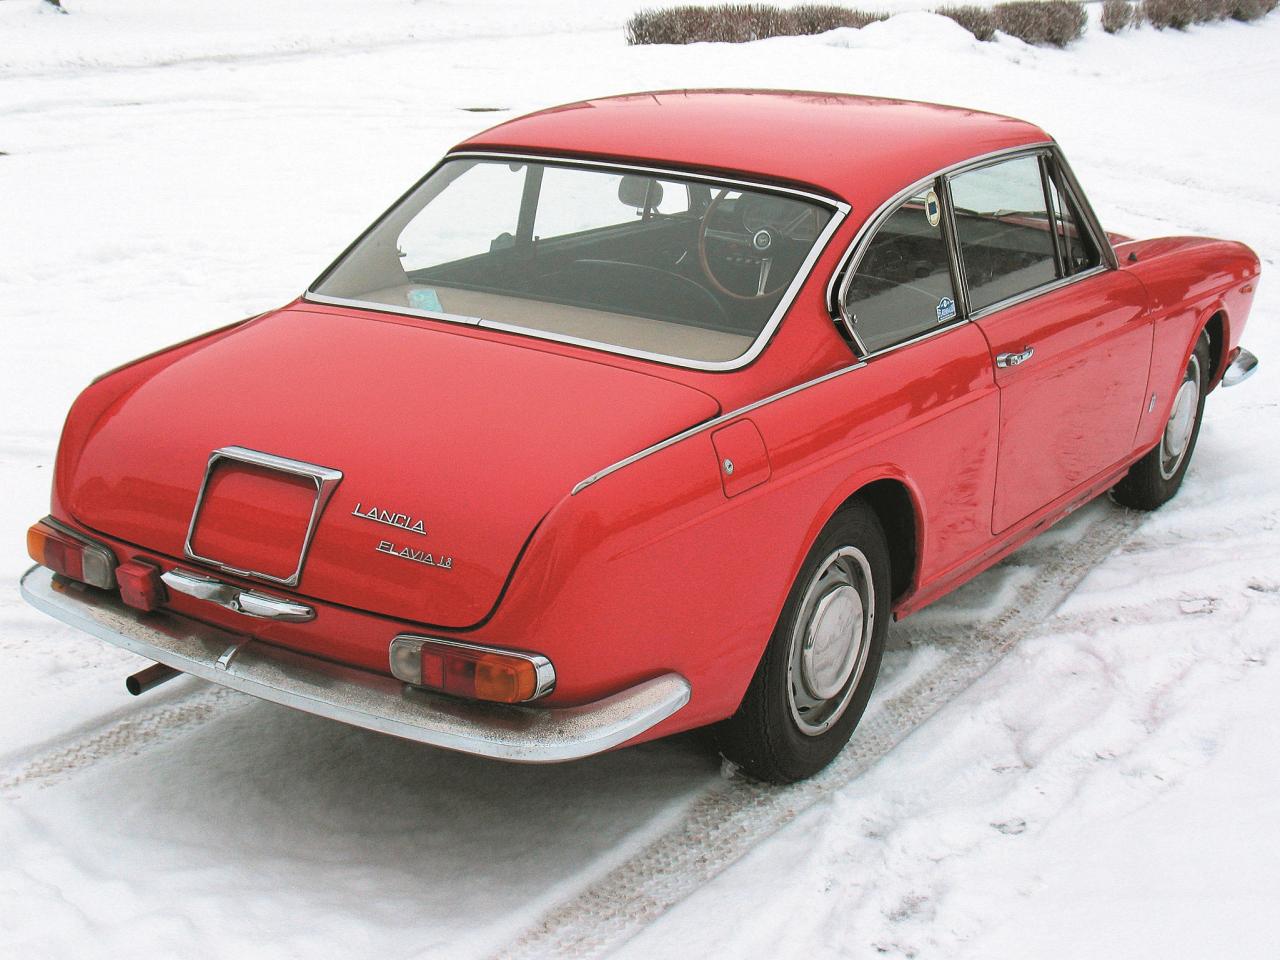 Šodien Latvijā 60. gadu itāliešu vēsturiskie auto tikpat kā nav pārstāvēti, līdz ar to šis eksemplārs ir būtisks papildinājums.